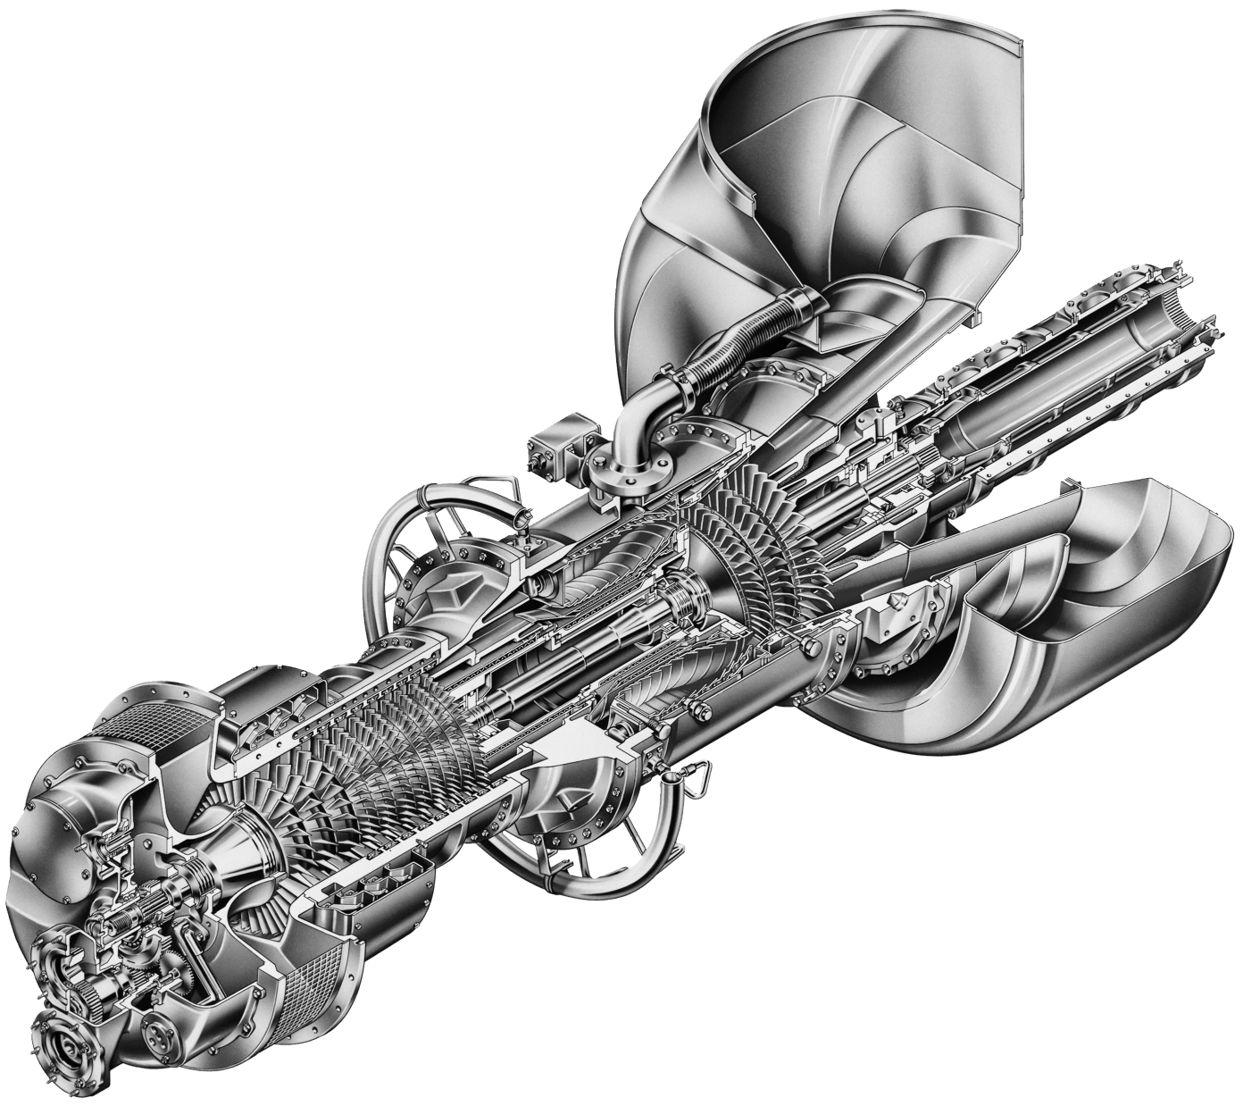 SiemensCannedVerticalImage.JPG